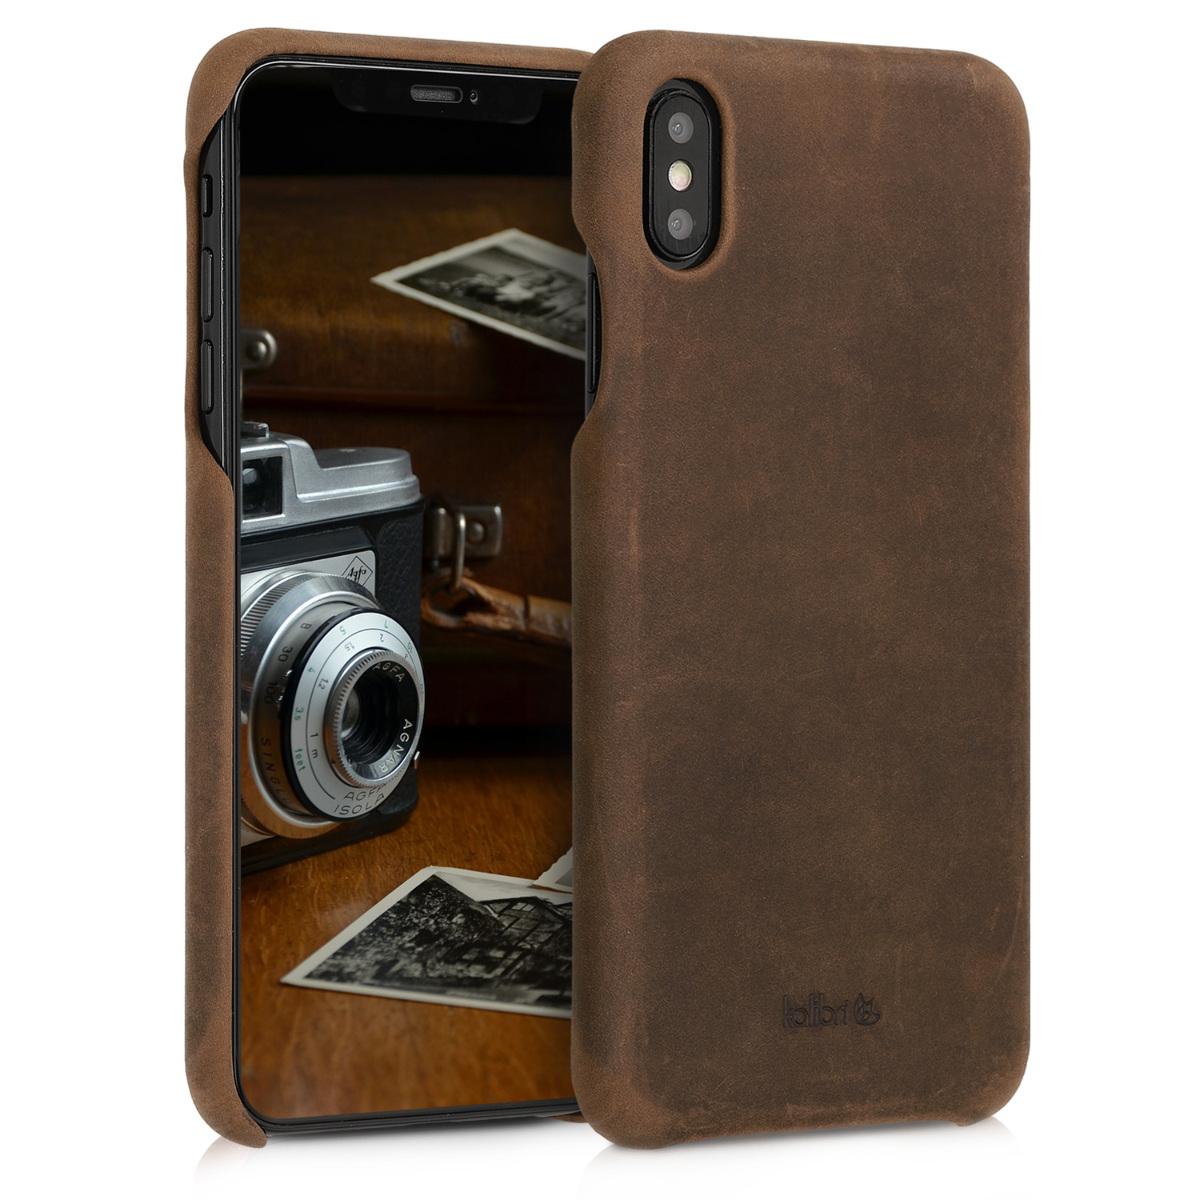 Kalibri Σκληρή Δερμάτινη Θήκη iPhone XS Max - Καφέ (46470.05)